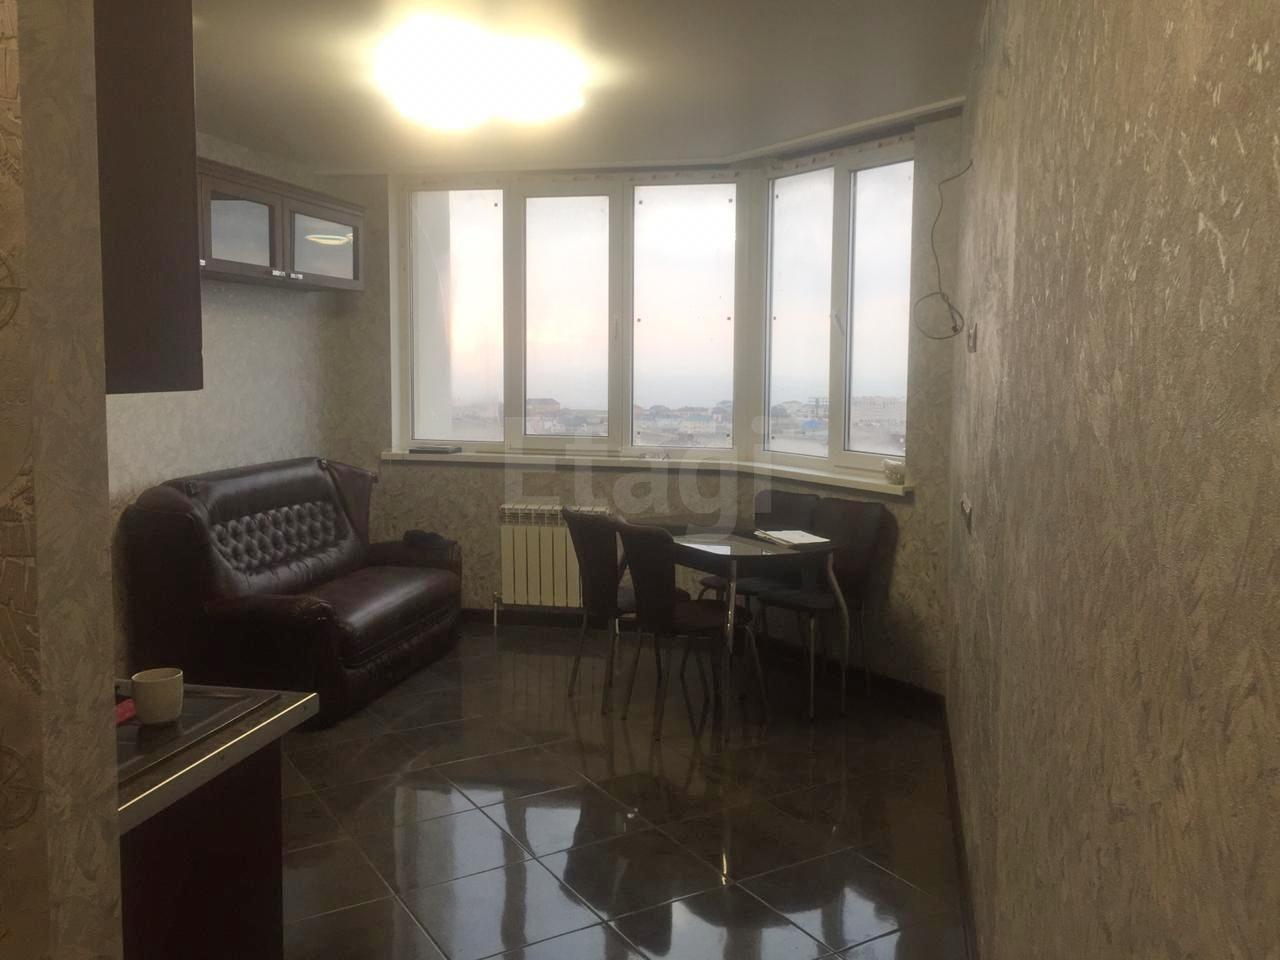 Продается однокомнатная квартира за 3 100 000 рублей. 3Б мкр, ул. Владимирская, д. 154 ст1 к3.